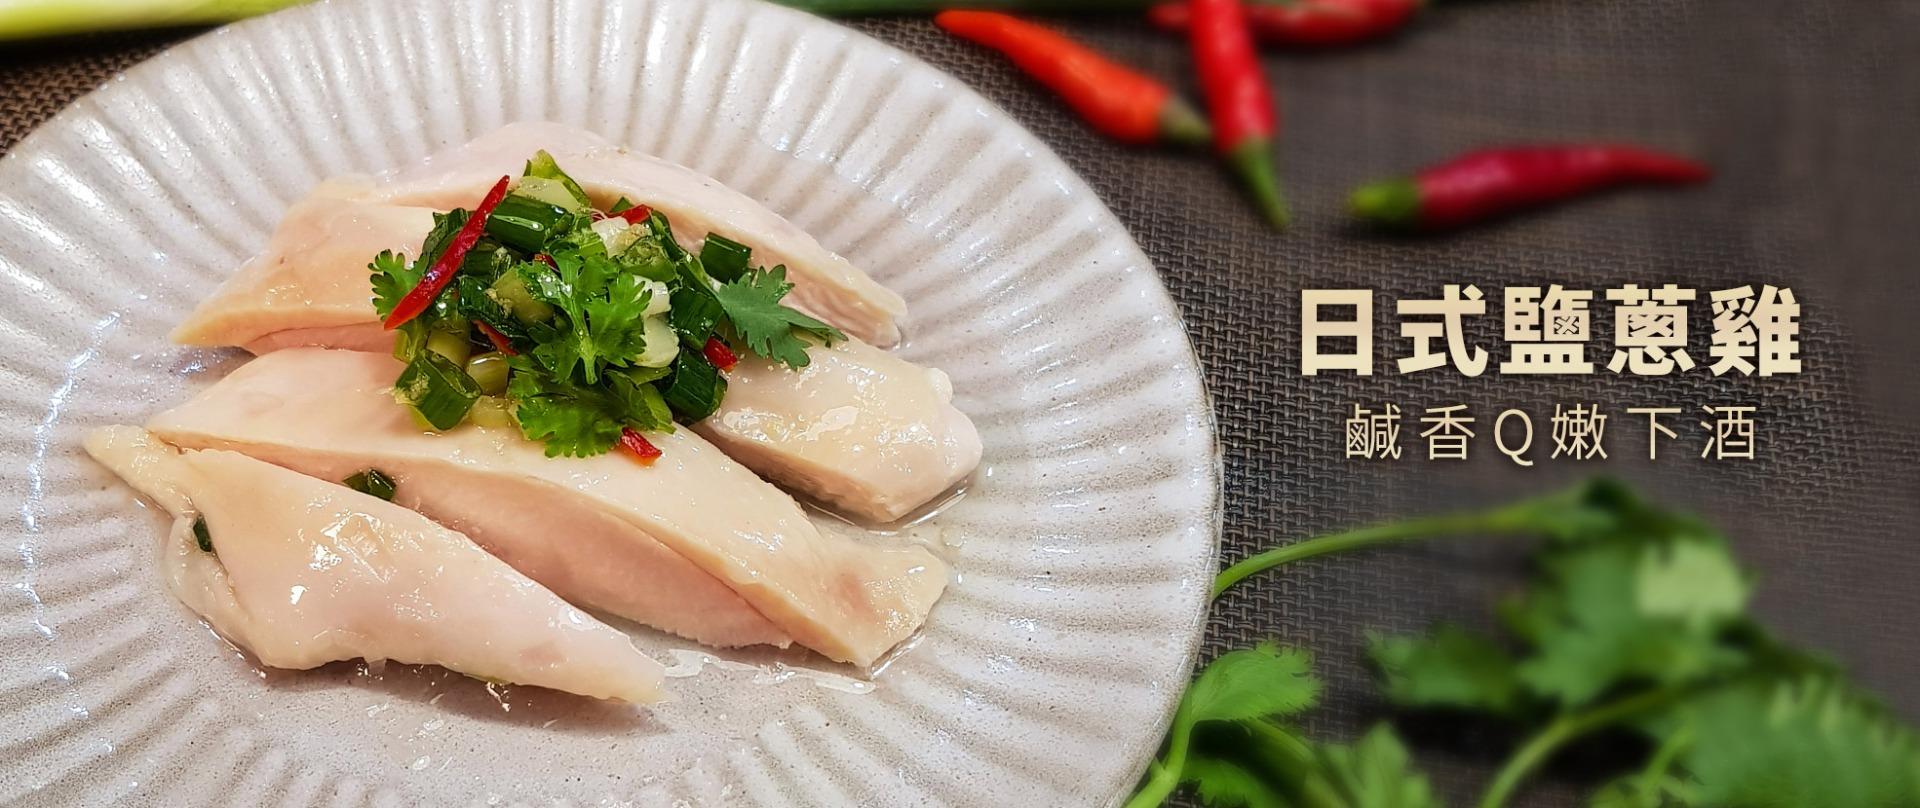 [老饕廚房] 低溫烹調(舒肥)日式鹽蔥雞胸 (180g/包) 12包